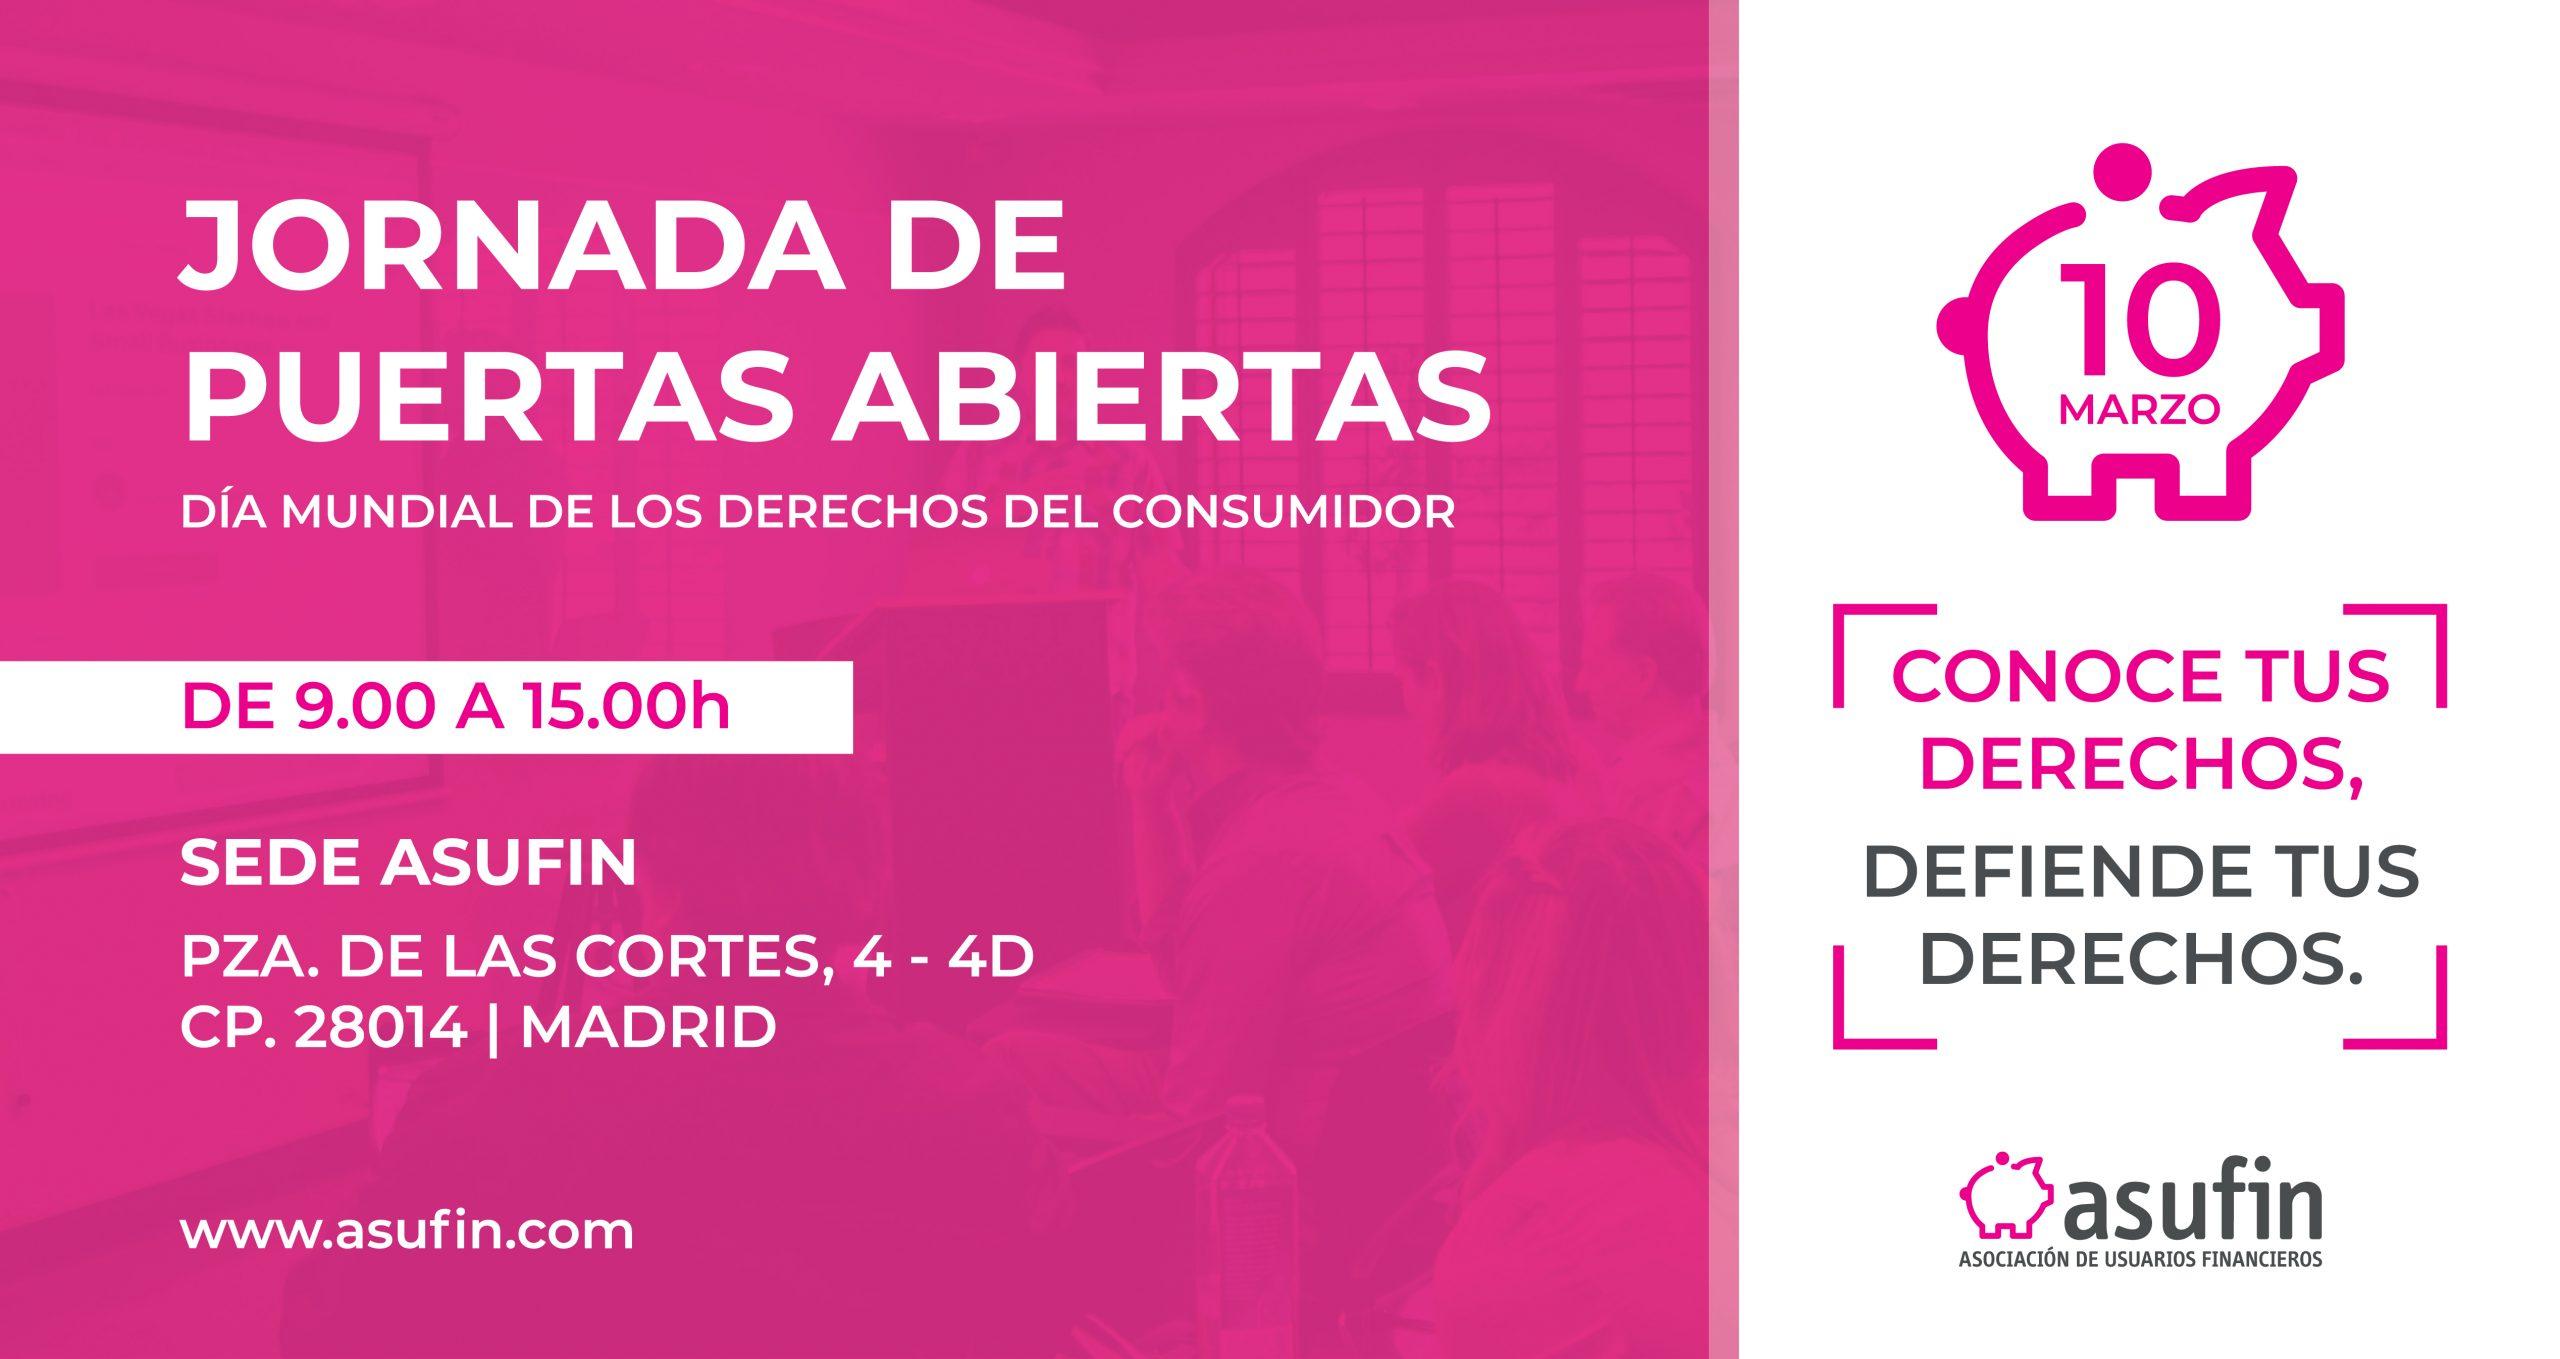 DIA INTERNACIONAL DEL CONSUMIDOR: Jornada de puertas abiertas en ASUFIN, 10.3.20